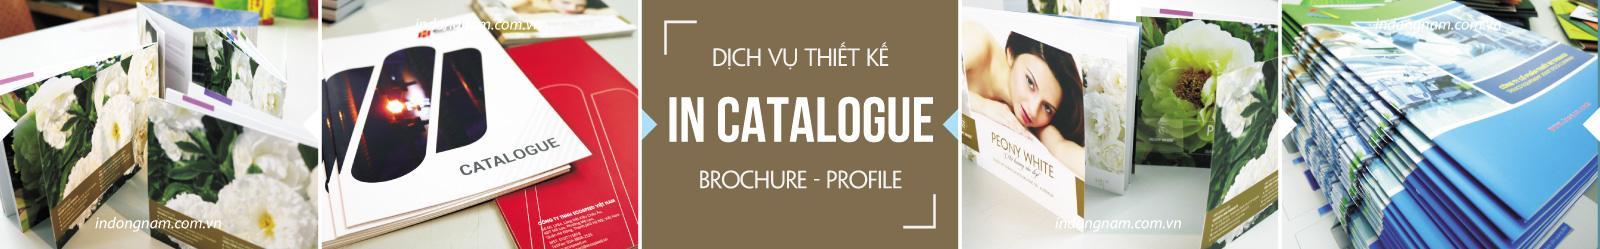 in catalogue profile hồ sơ năng lực tại hà nội